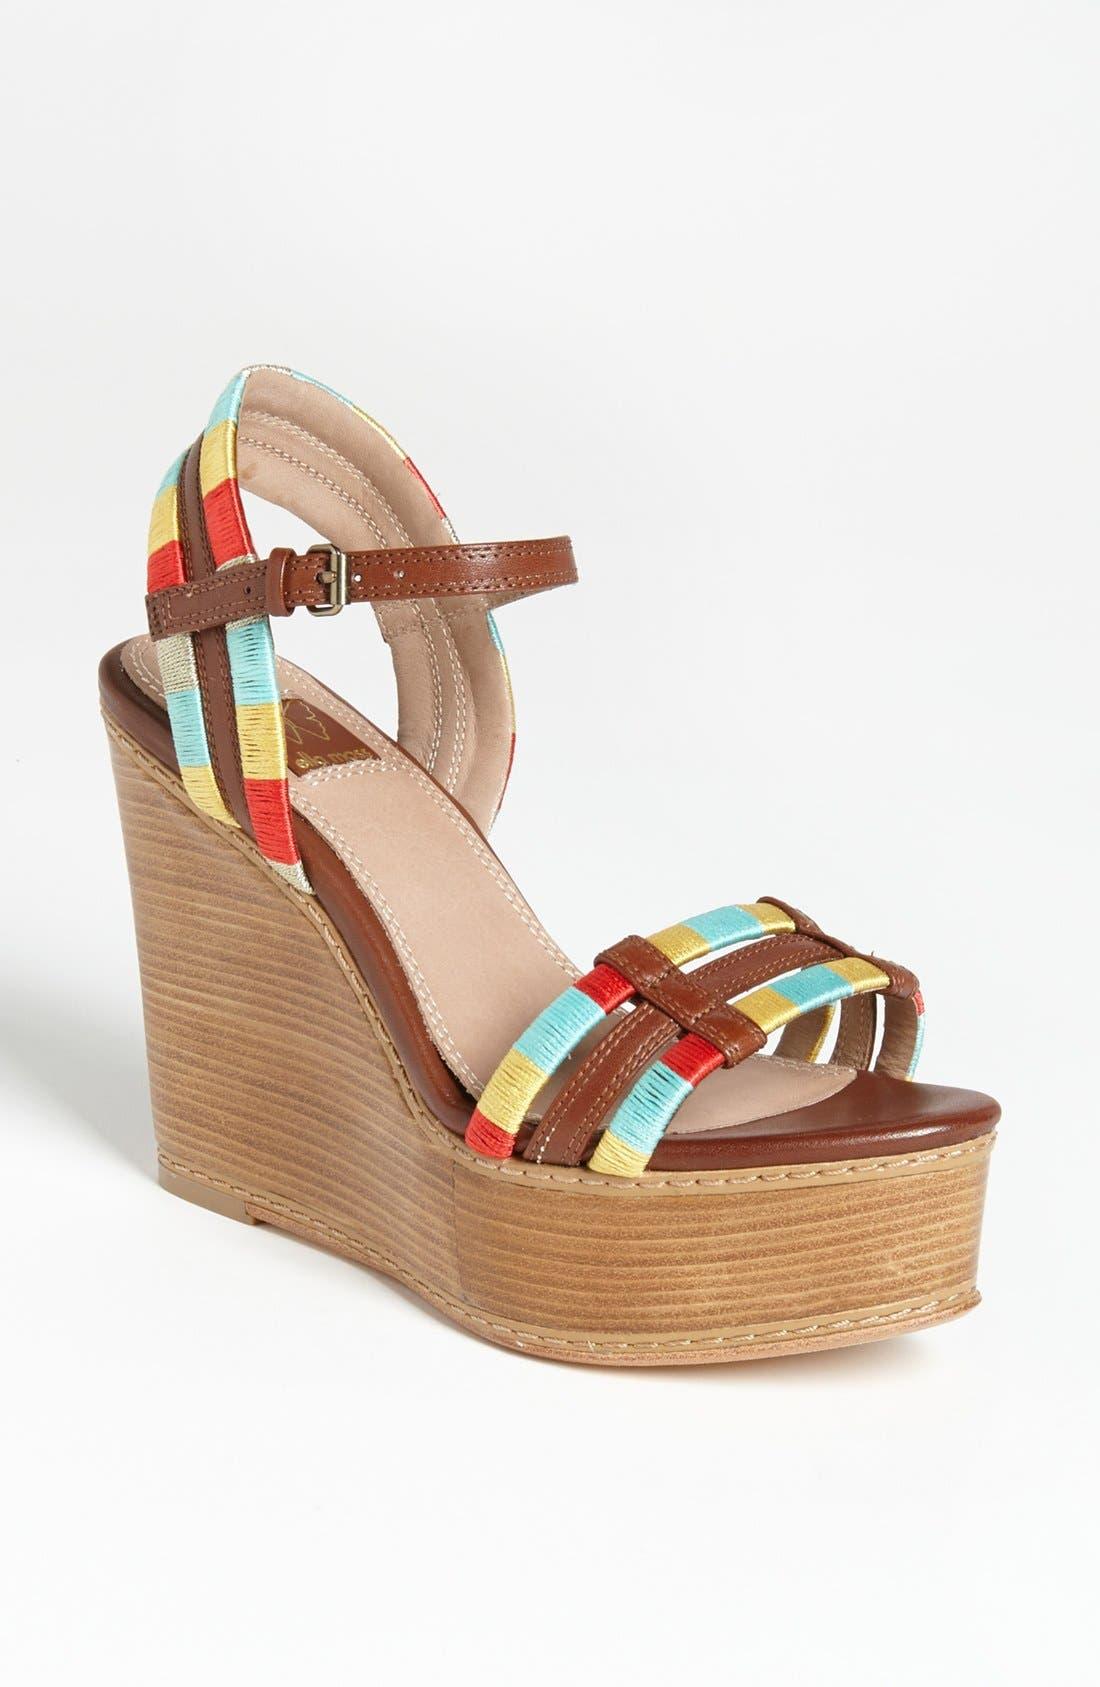 Alternate Image 1 Selected - Ella Moss 'Ryann' Sandal